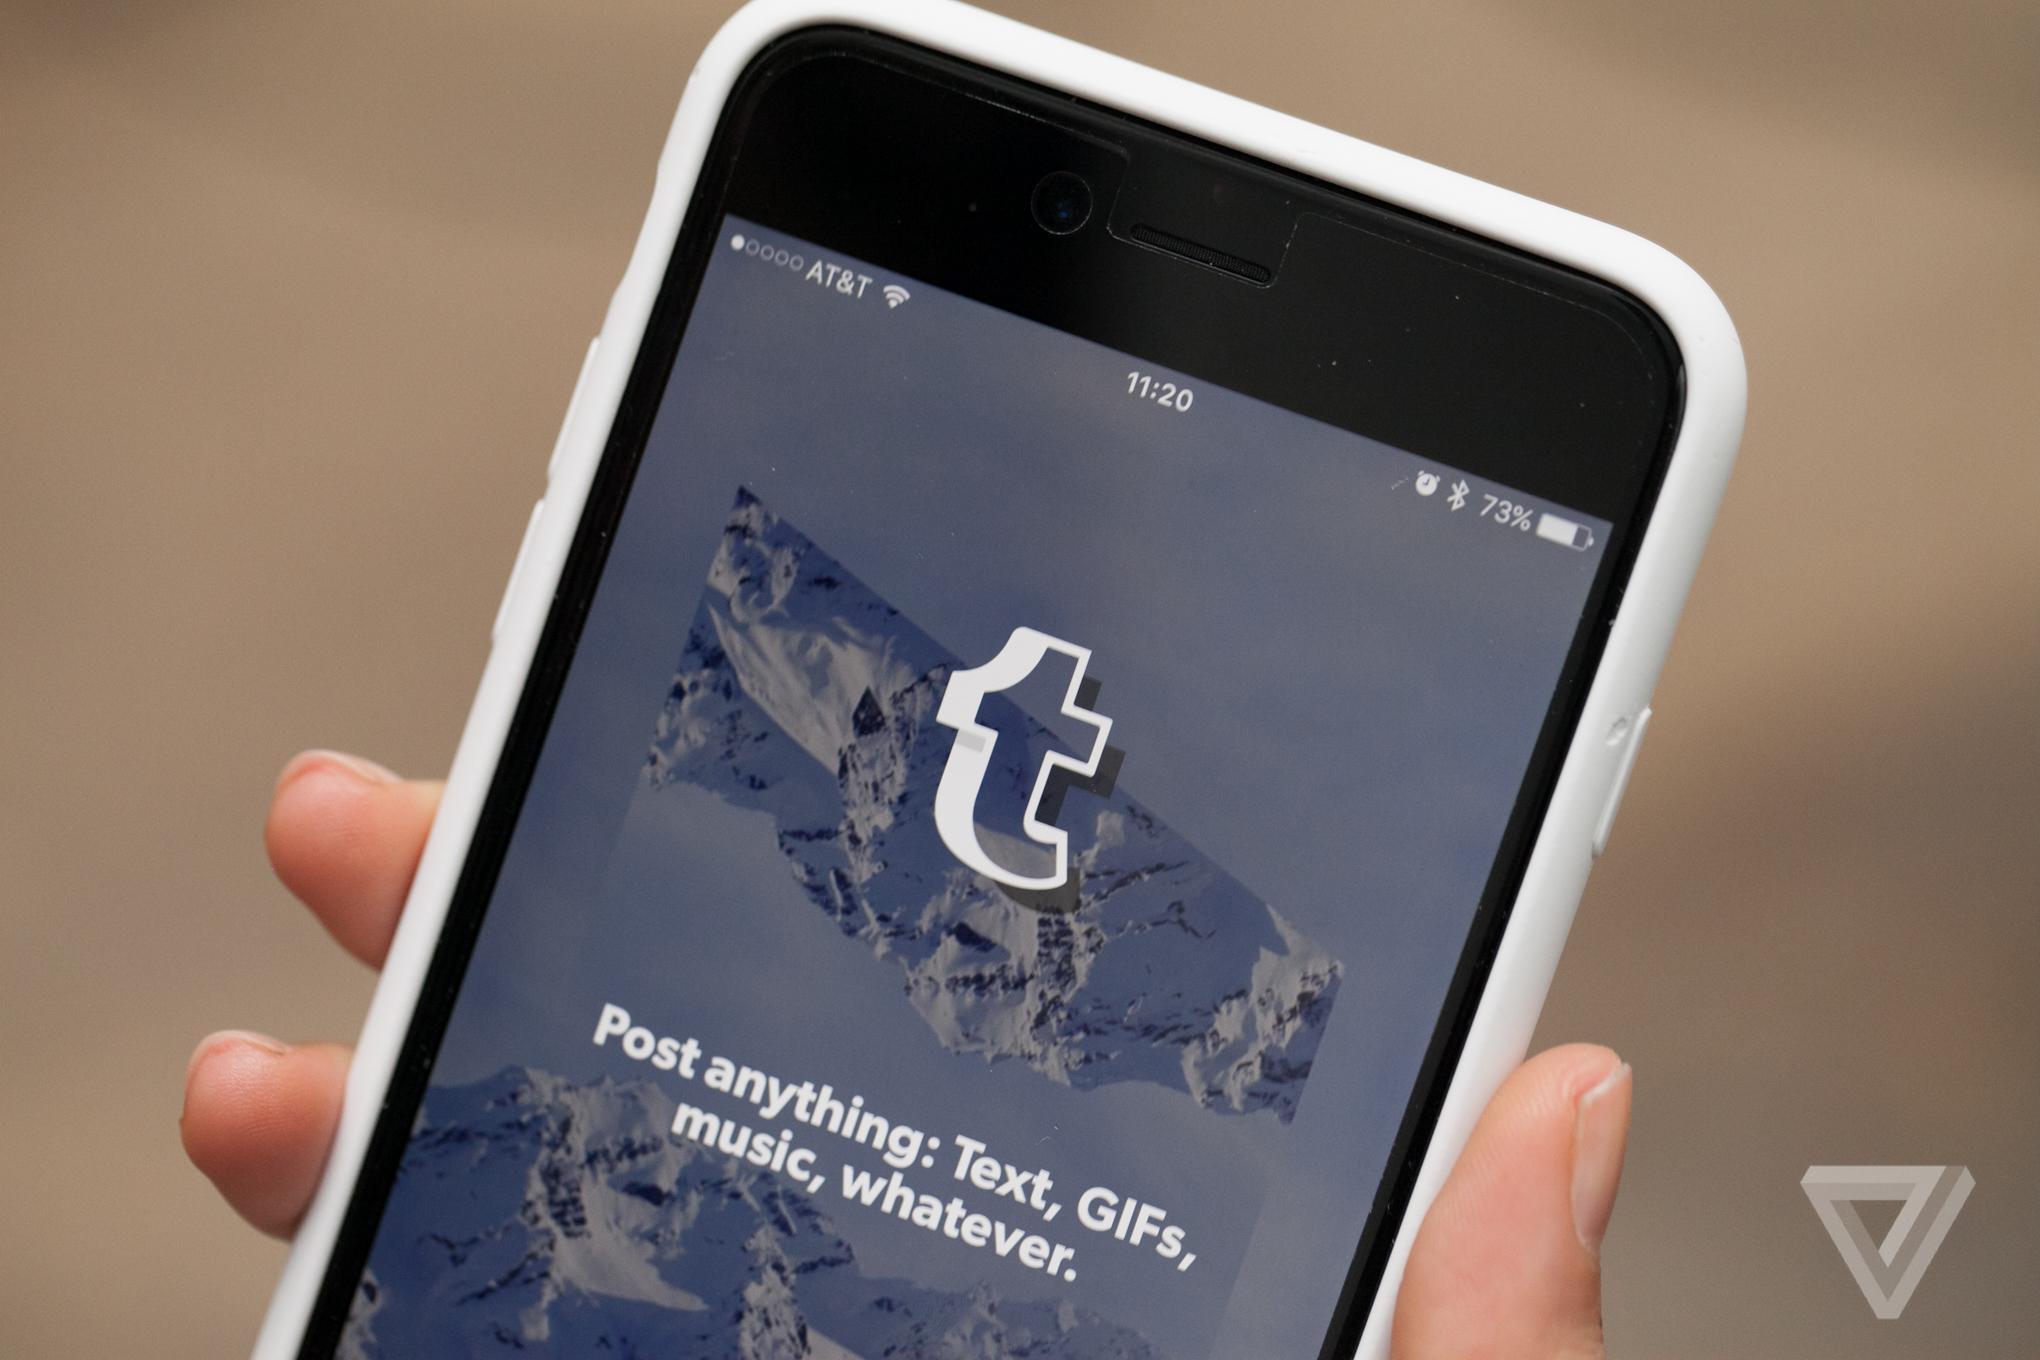 Tumblr-app-stock-Dec2015-verge-01